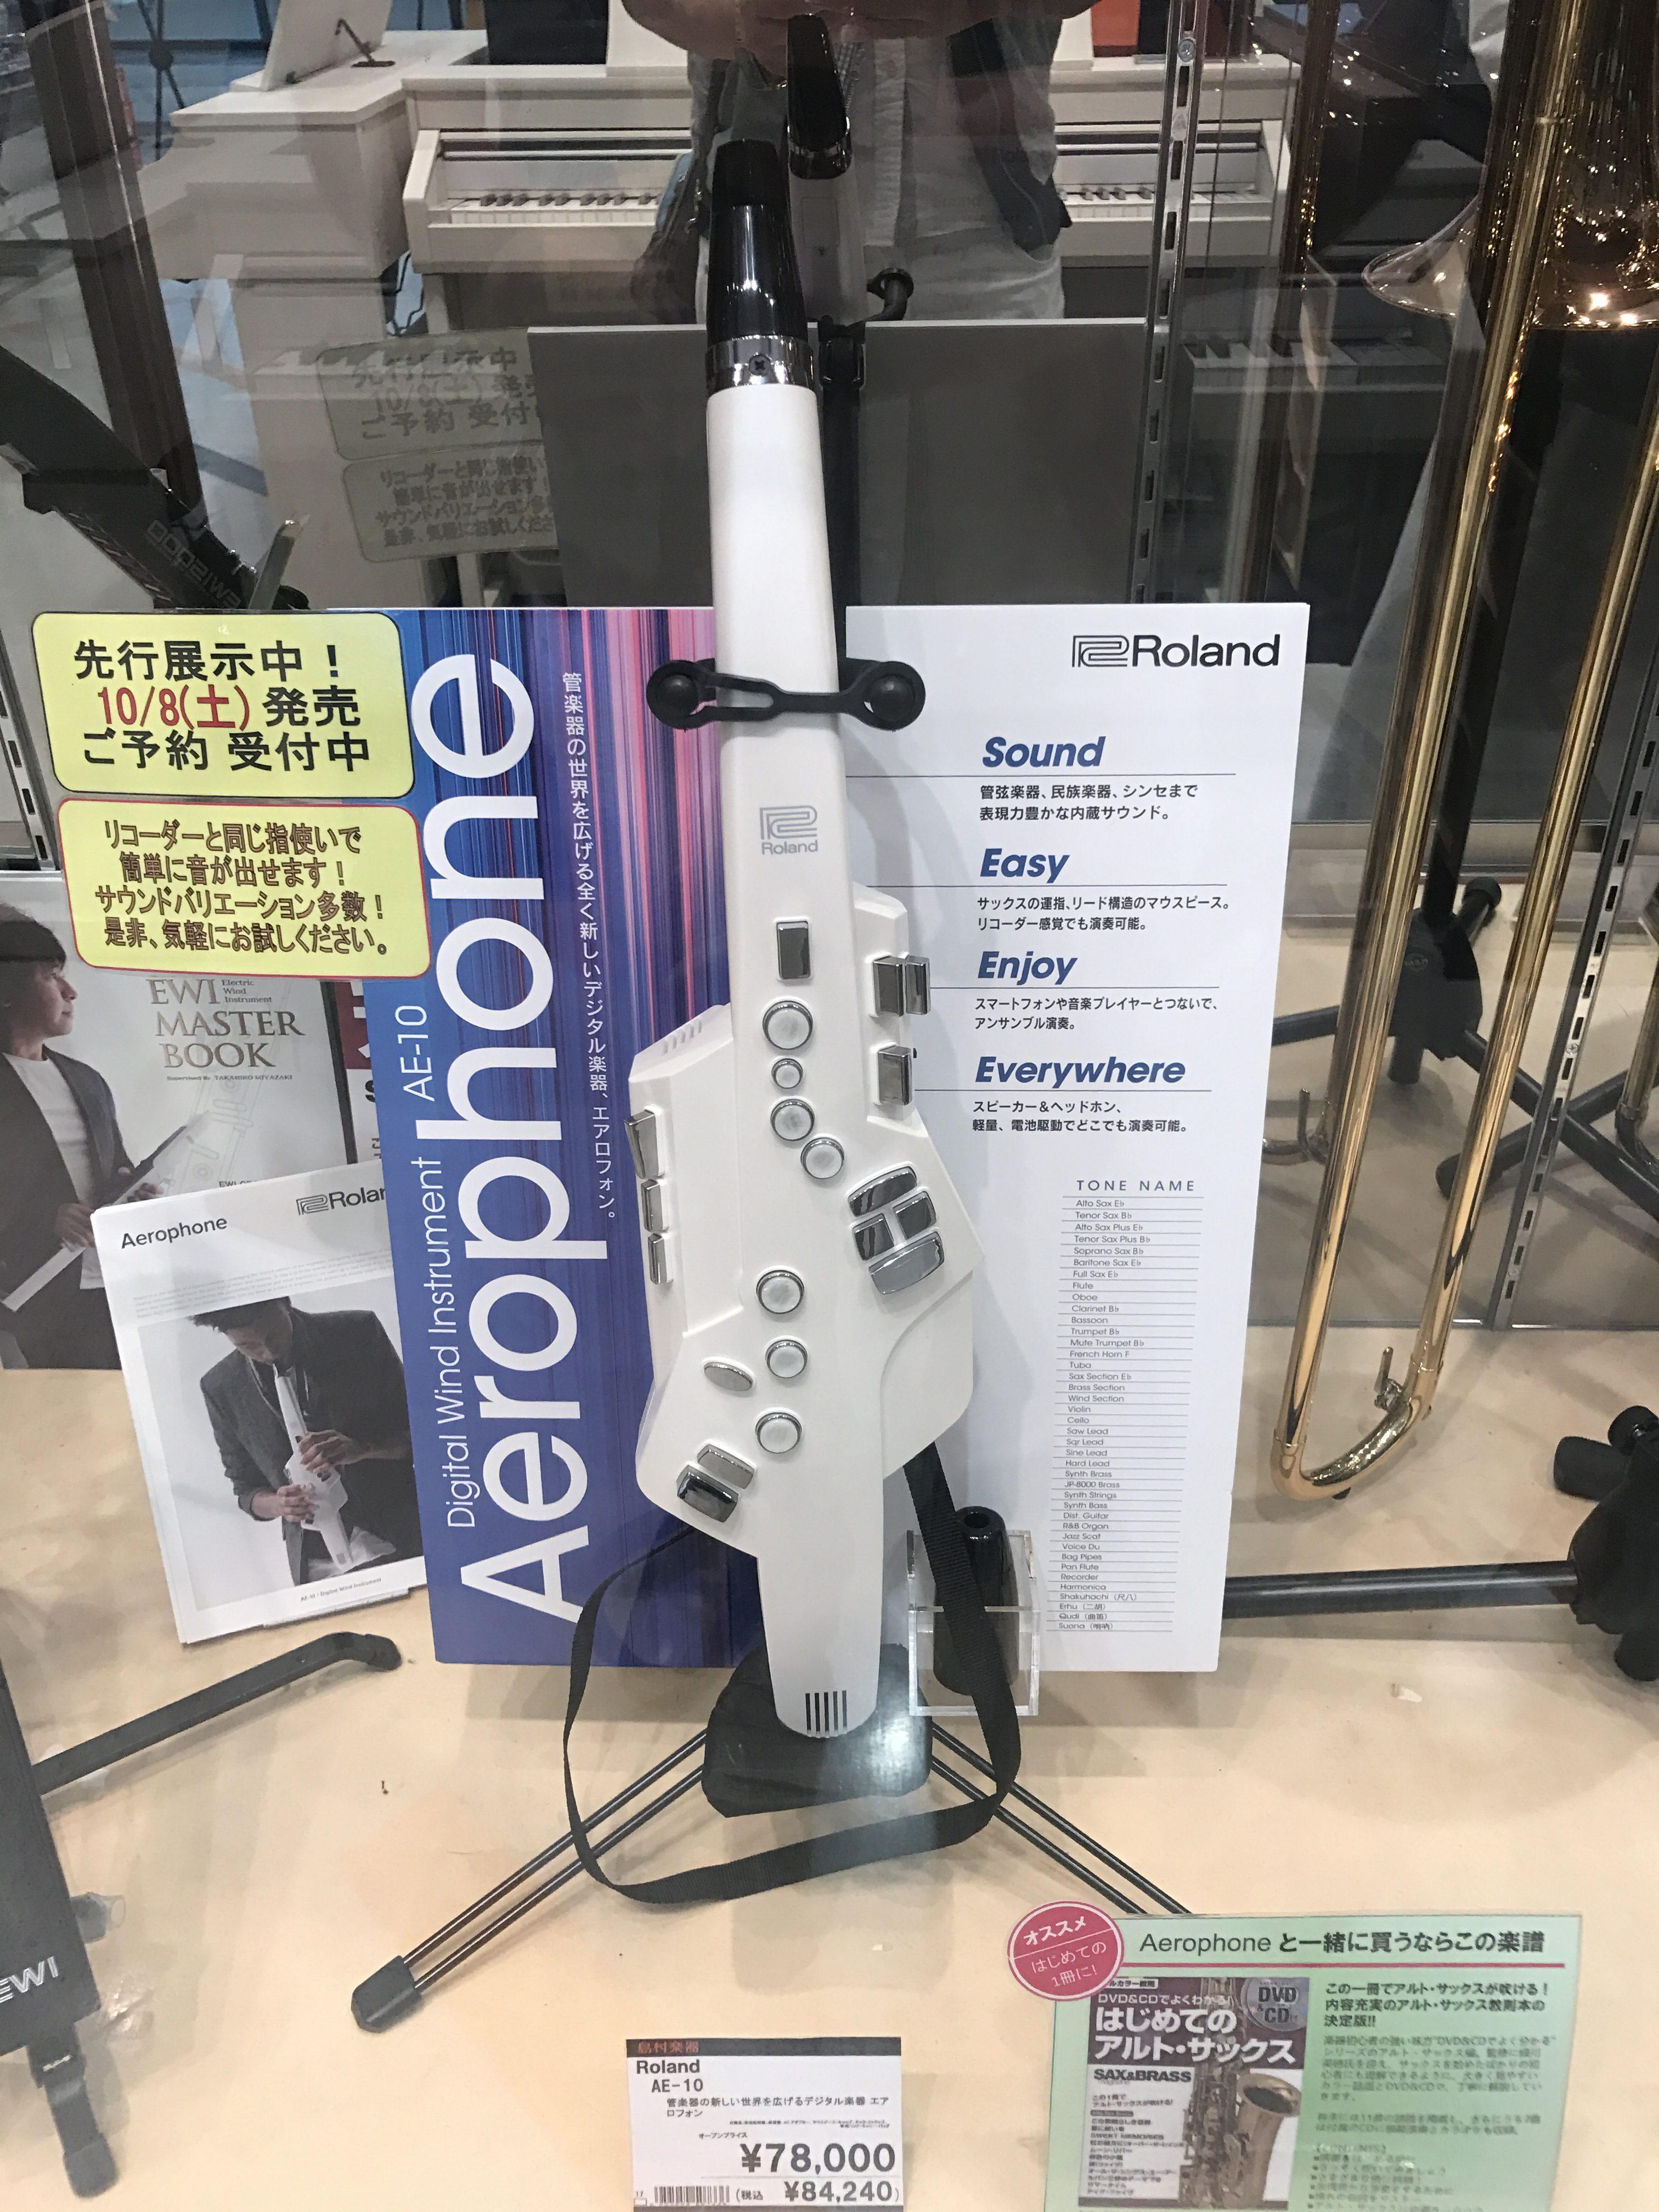 新型デジタル吹奏楽器Aerophone AE-10は、EWI5000を超えられるか?